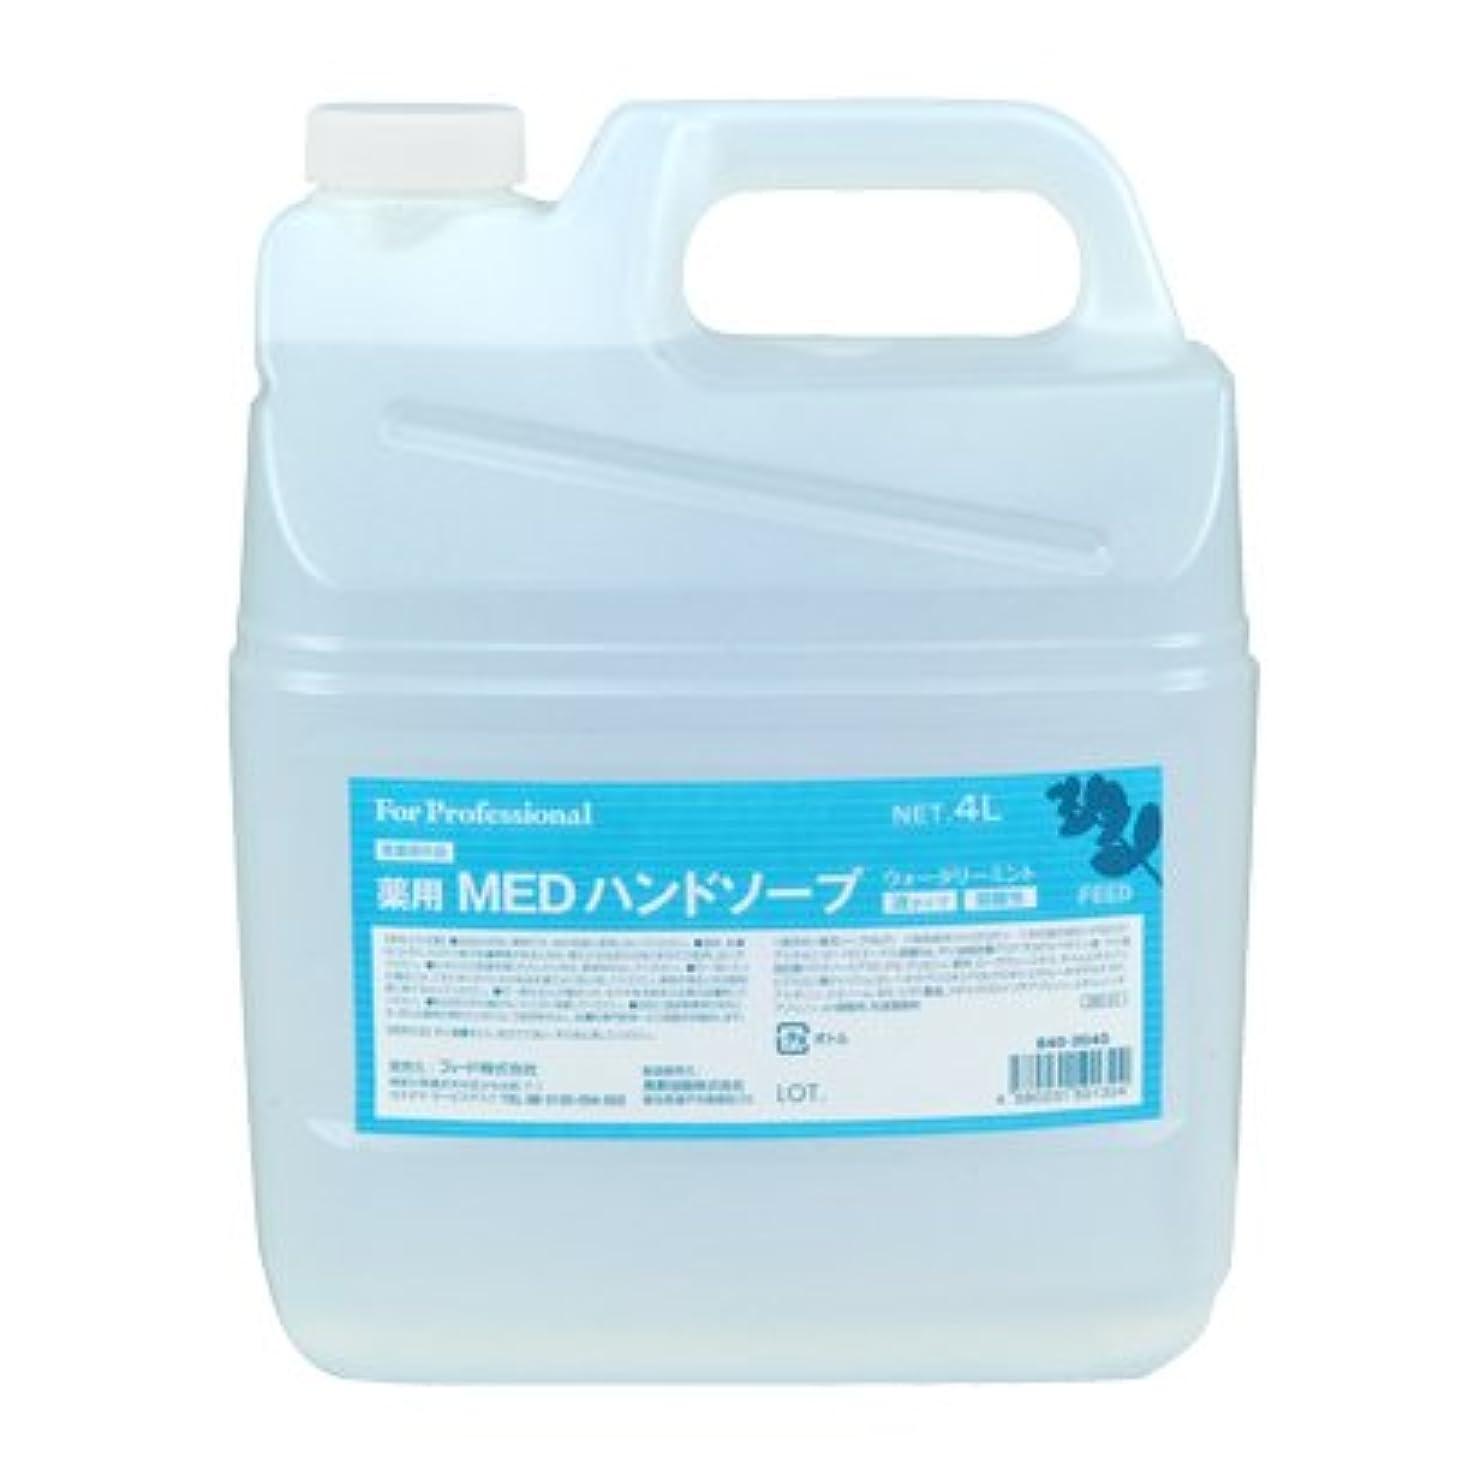 進捗たまにラジカル【業務用】 FEED(フィード) 薬用 MEDハンドソープ 液タイプ/4L詰替用 ハンドソープ(液タイプ) 入数 1本